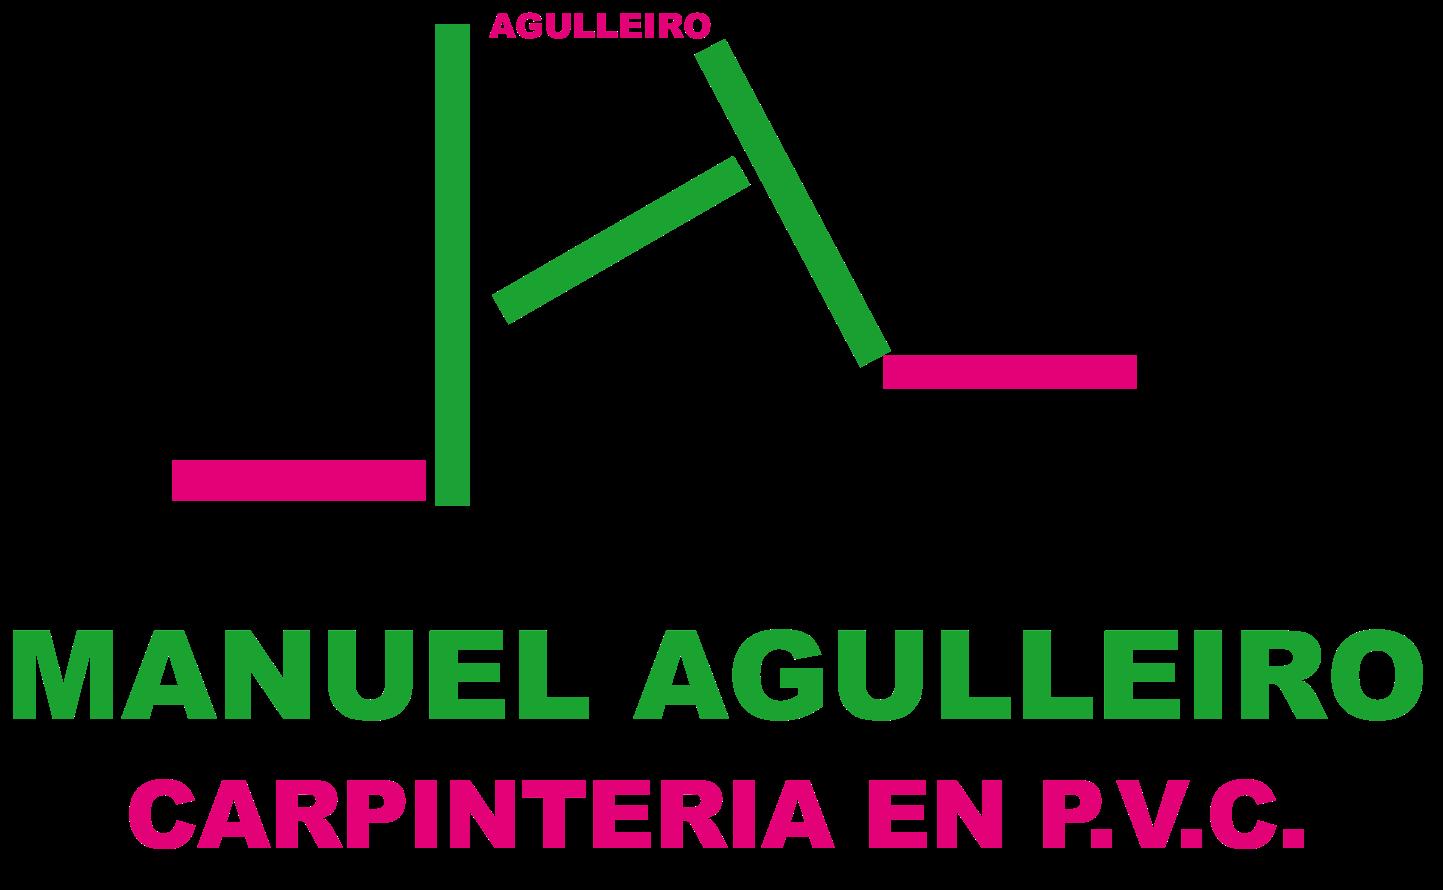 Logo Carpintería PVC Manuel Agulleiro Cee